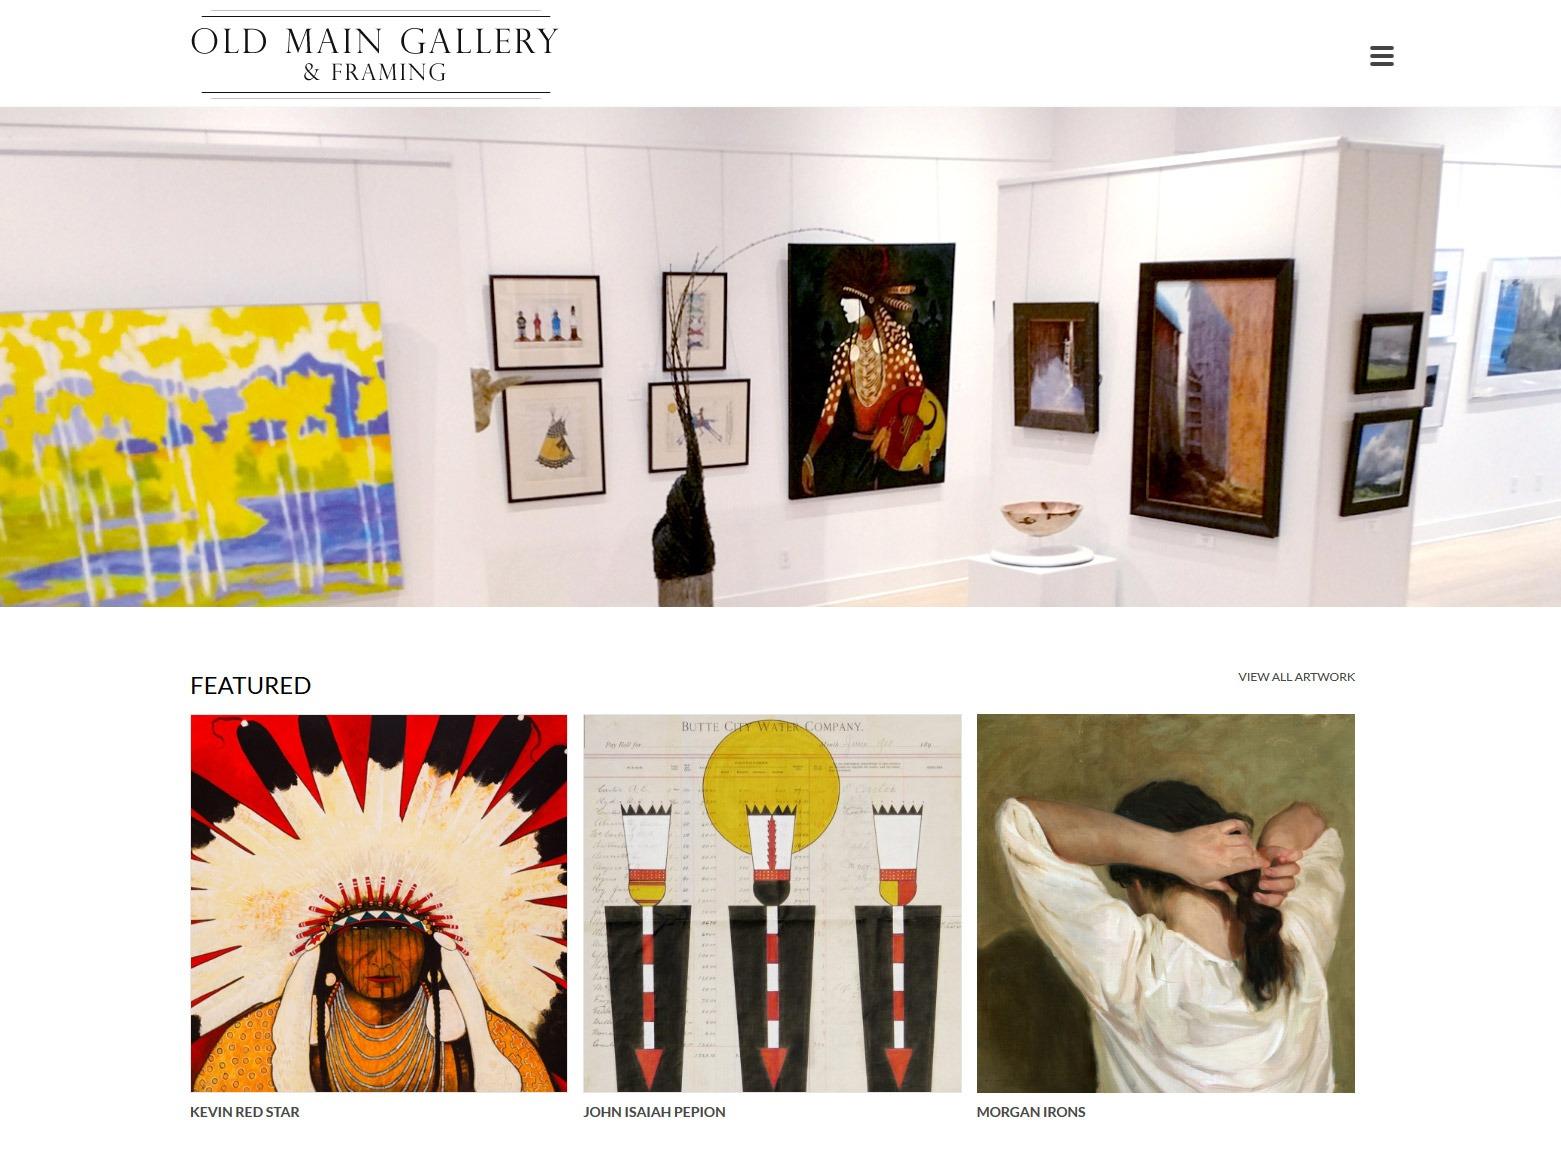 Los Angeles Gallery Web Design Company